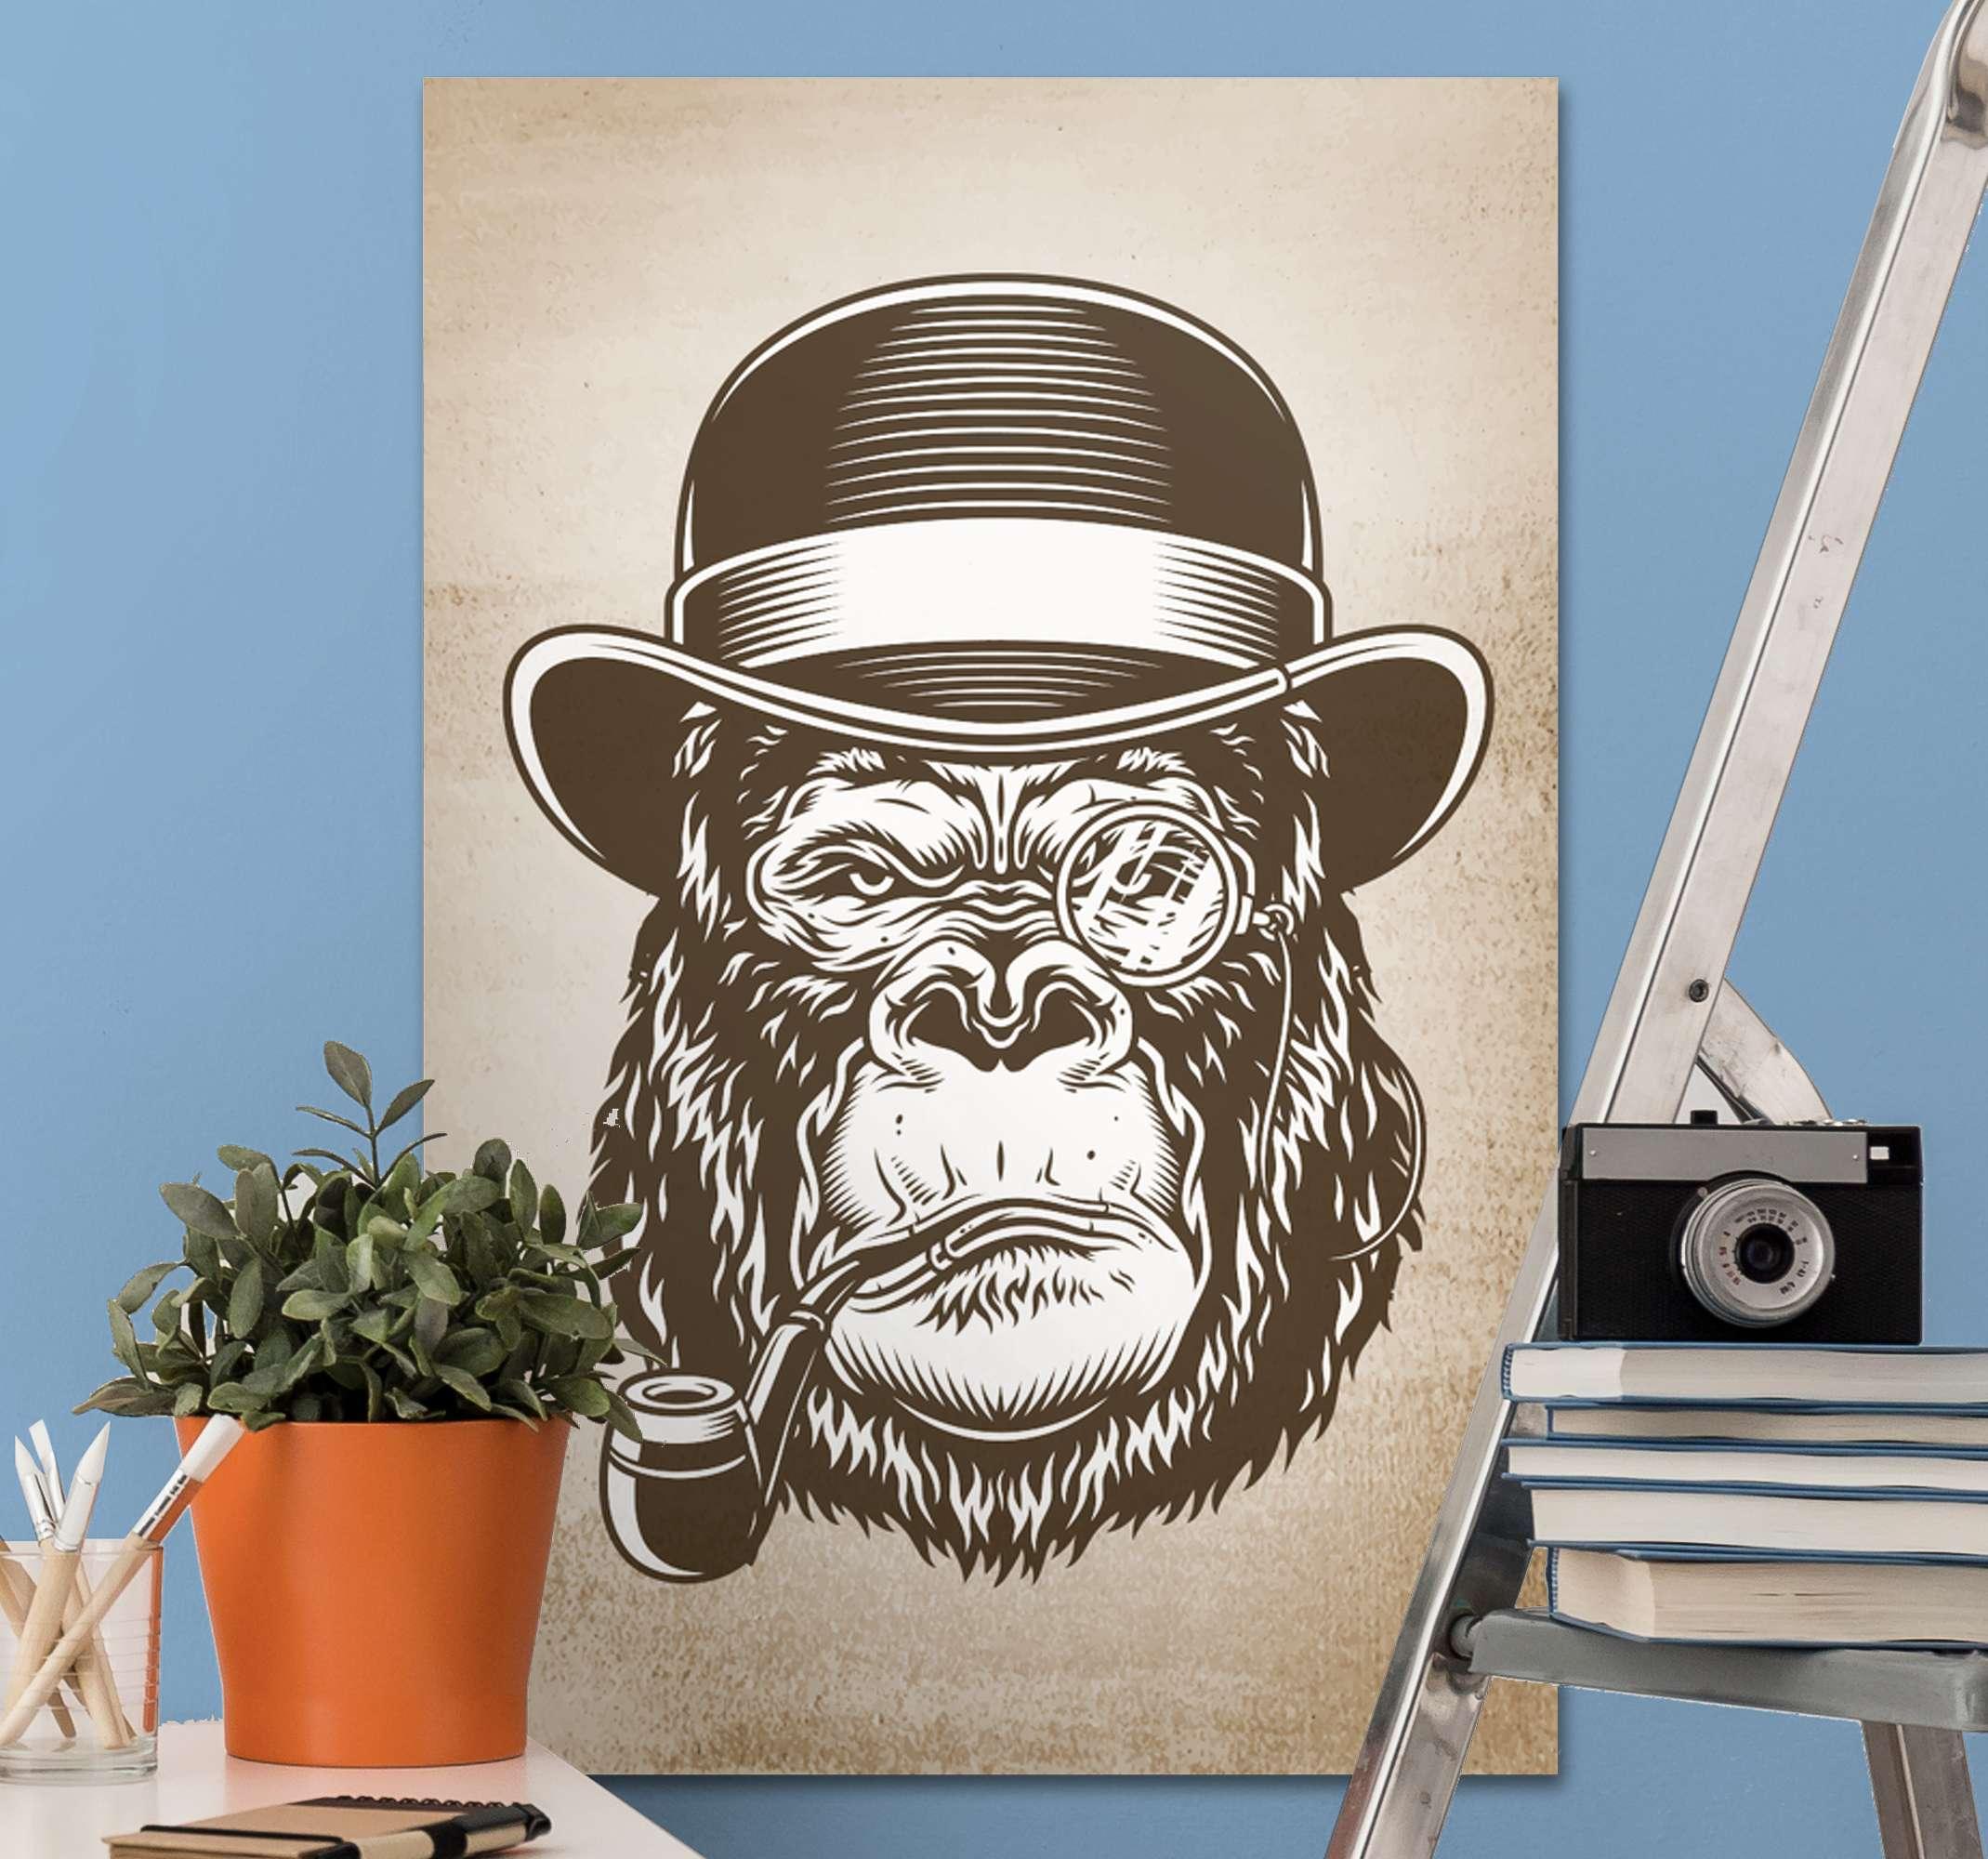 TenStickers. обезьяна курит картины современного искусства на холсте. обезьяна курит современные холсты для стен для вашего дома. Добавьте немного искусства в свое пространство с помощью наших высококачественных домашних принтов на холсте.